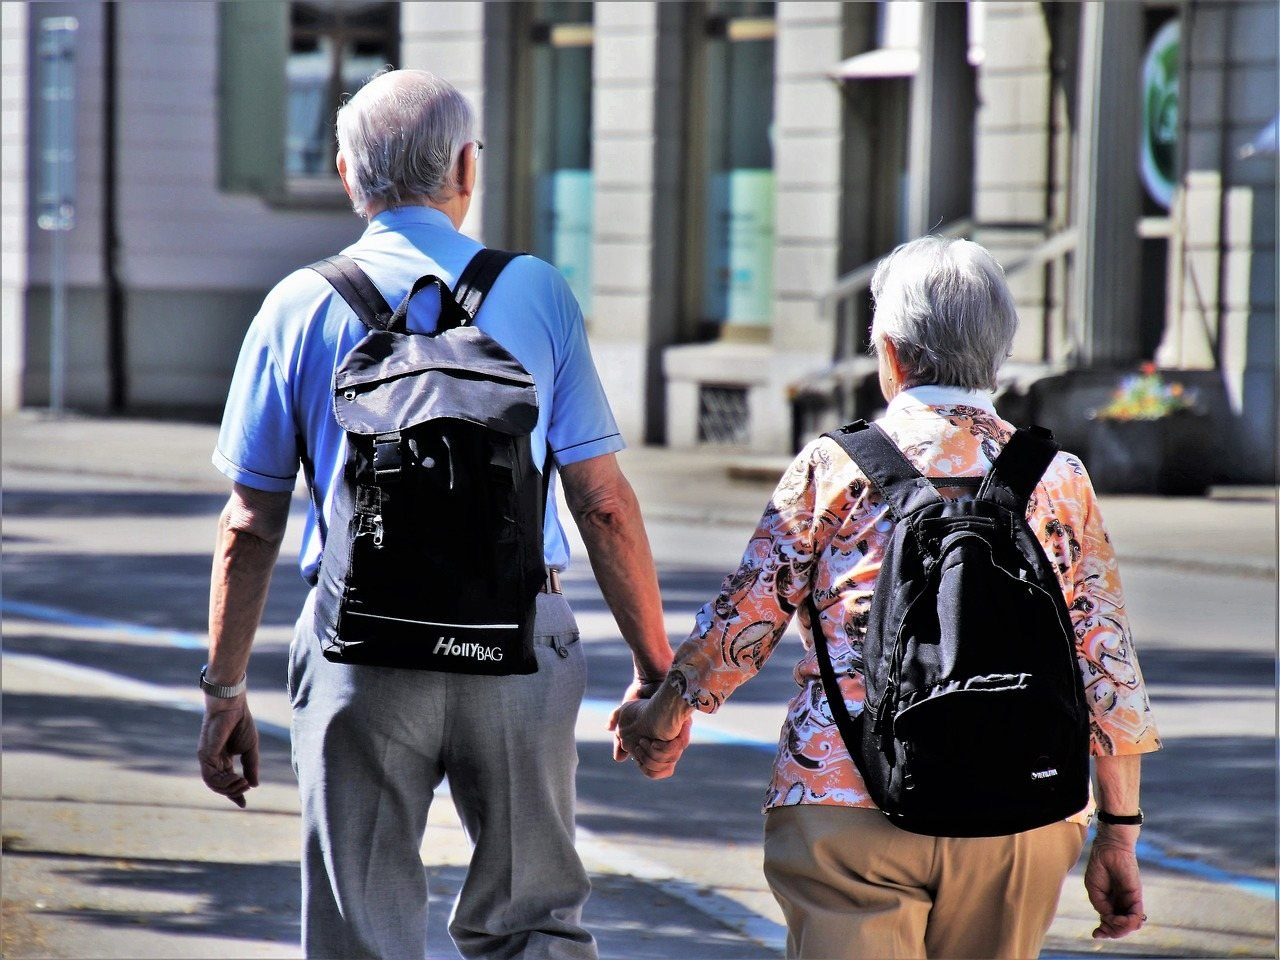 şehirde yürüyüş yapan mutlu ve yaşlı çift